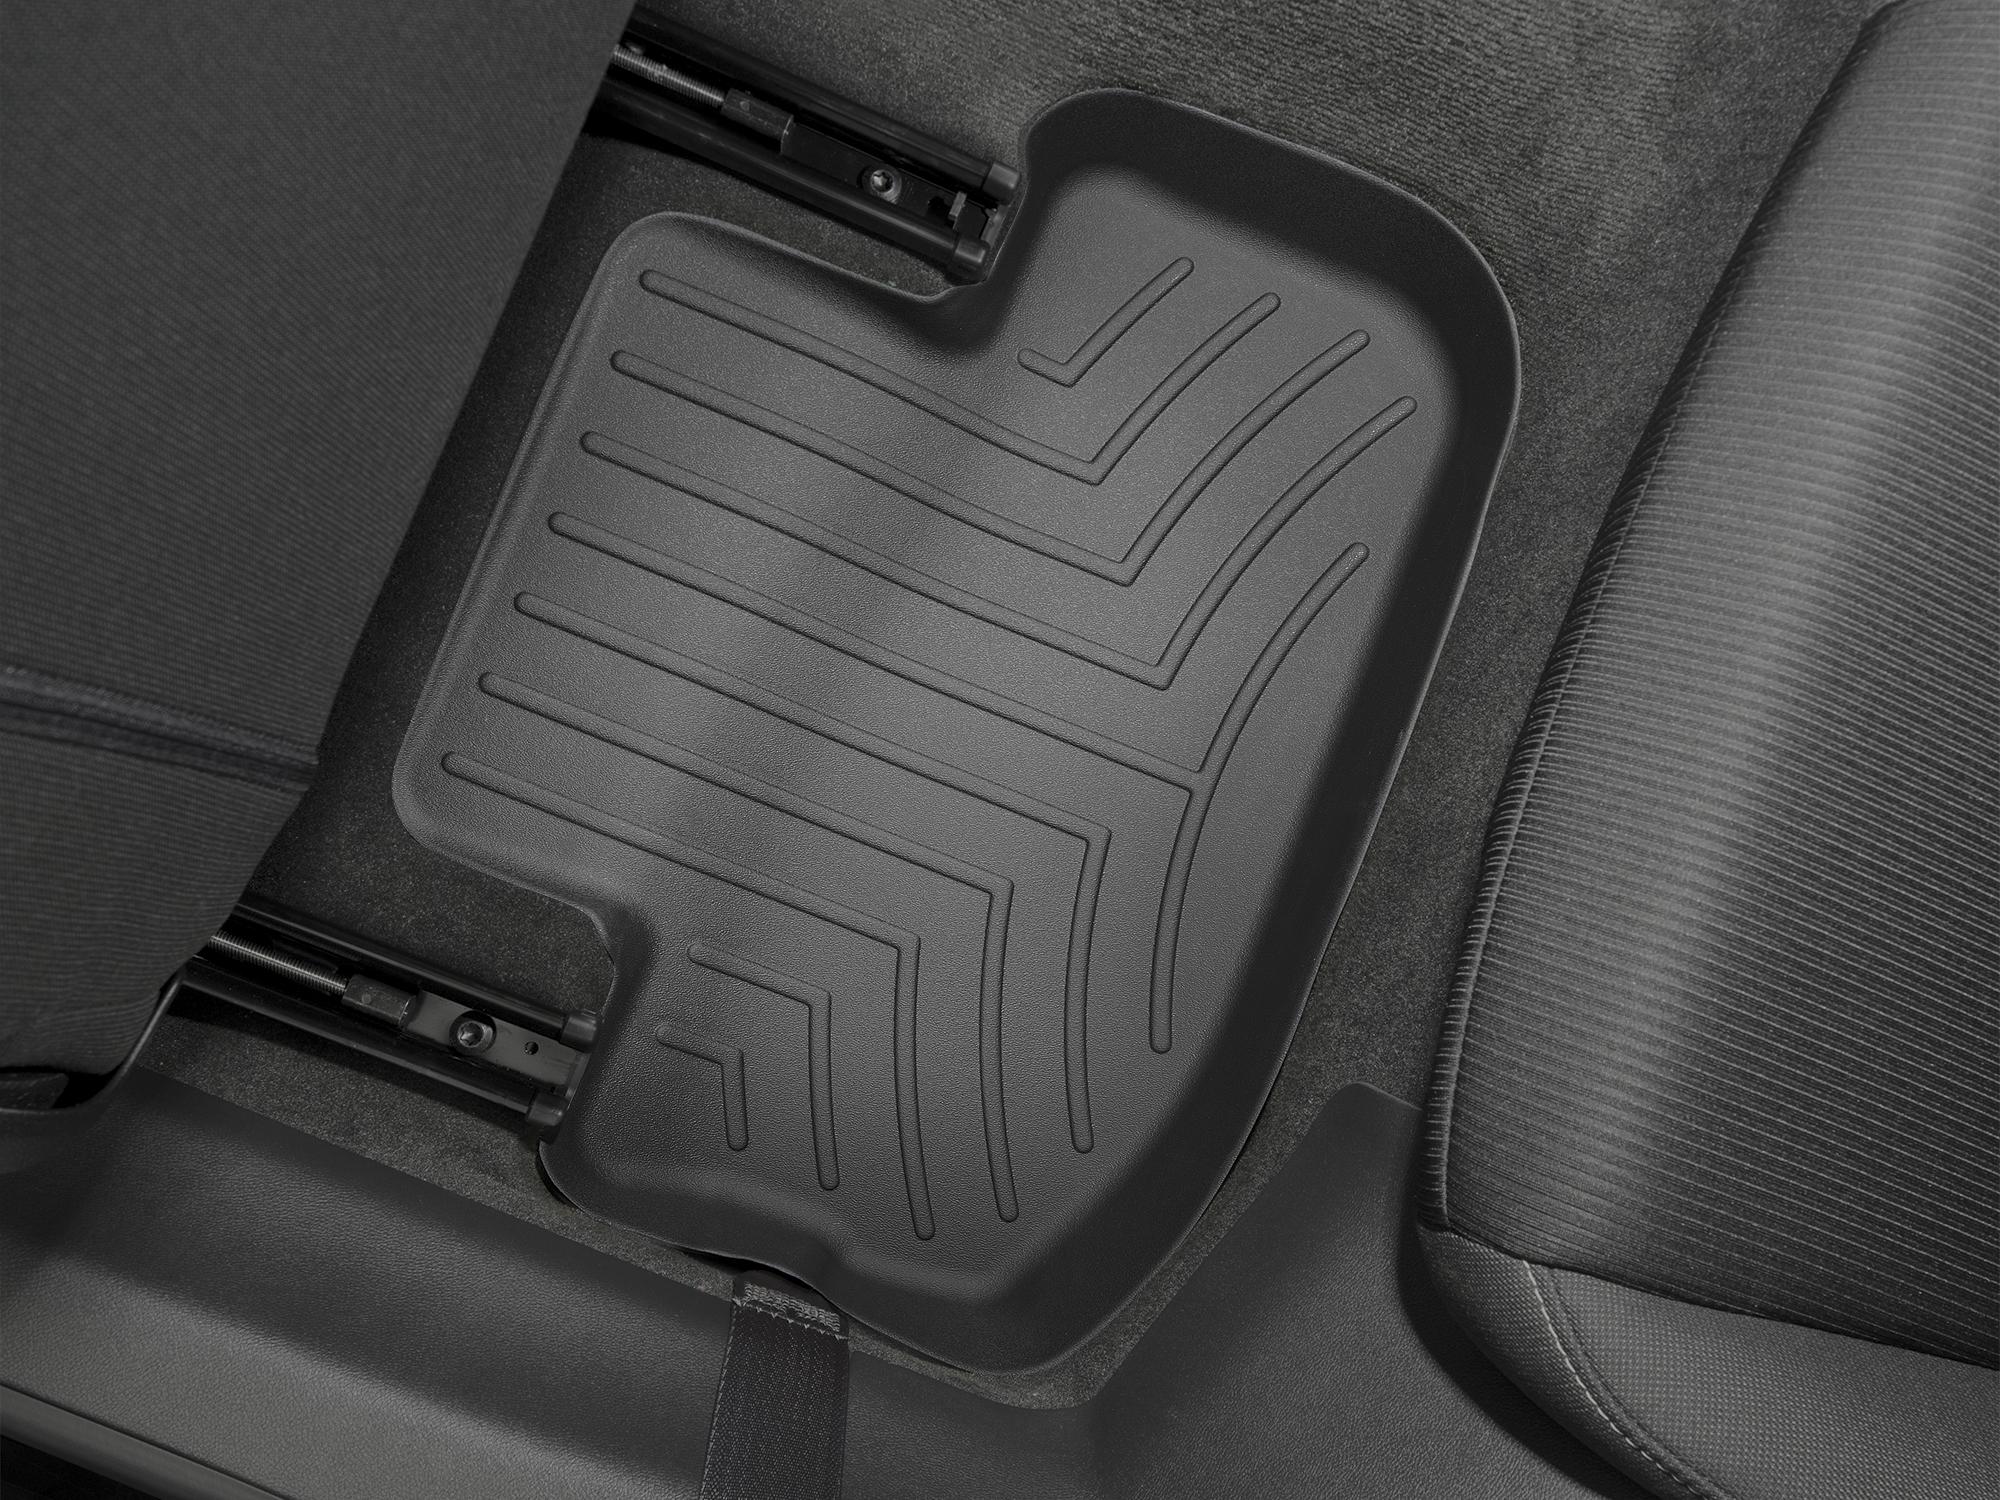 Tappeti gomma su misura bordo alto Chevrolet Camaro 10>15 Nero A103*